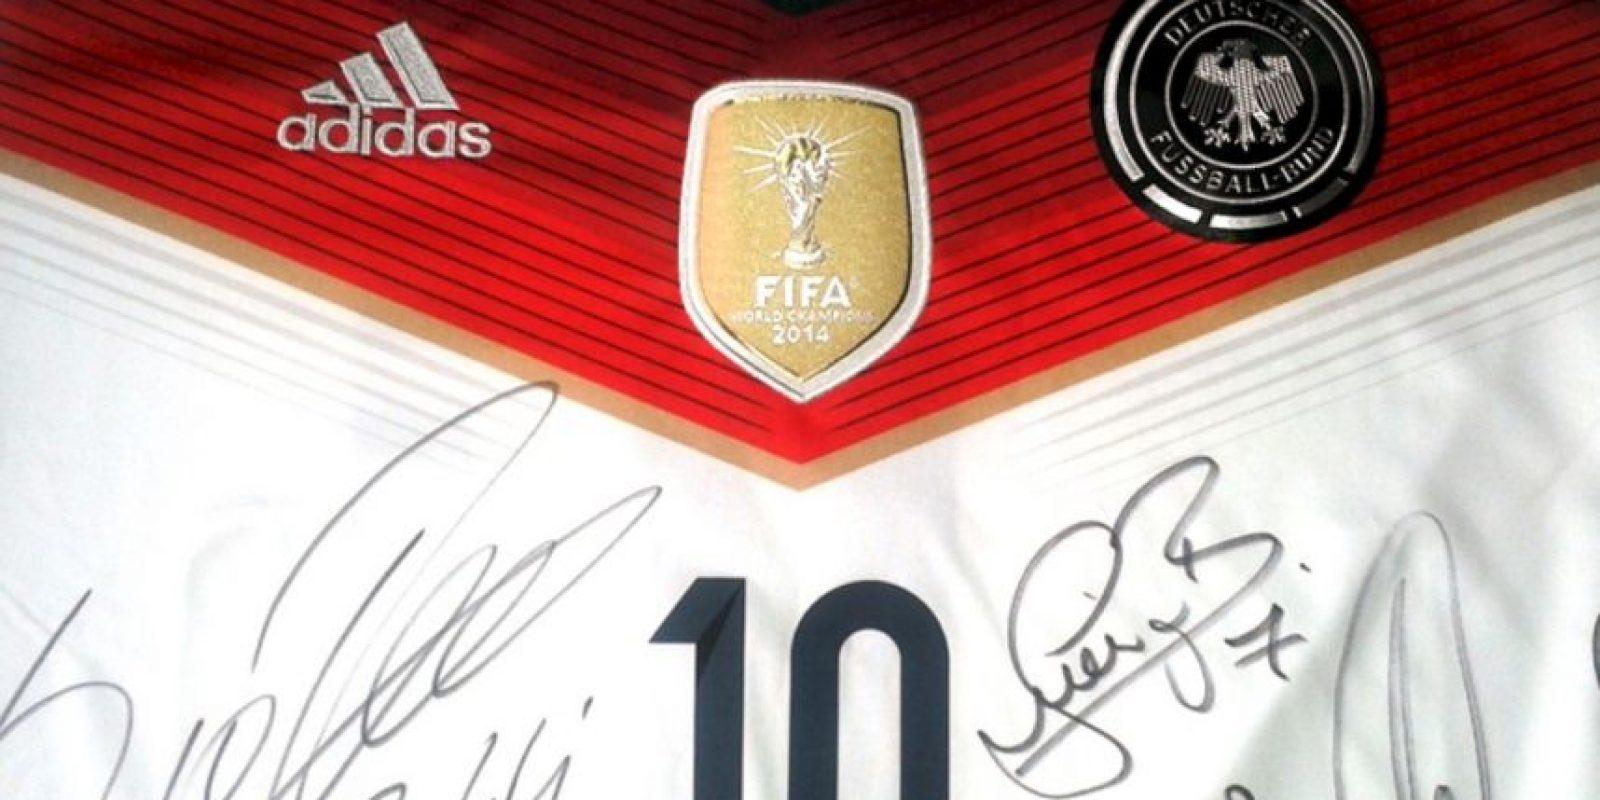 Está firmada por toda la plantilla alemana. Foto:unitedcharity.de